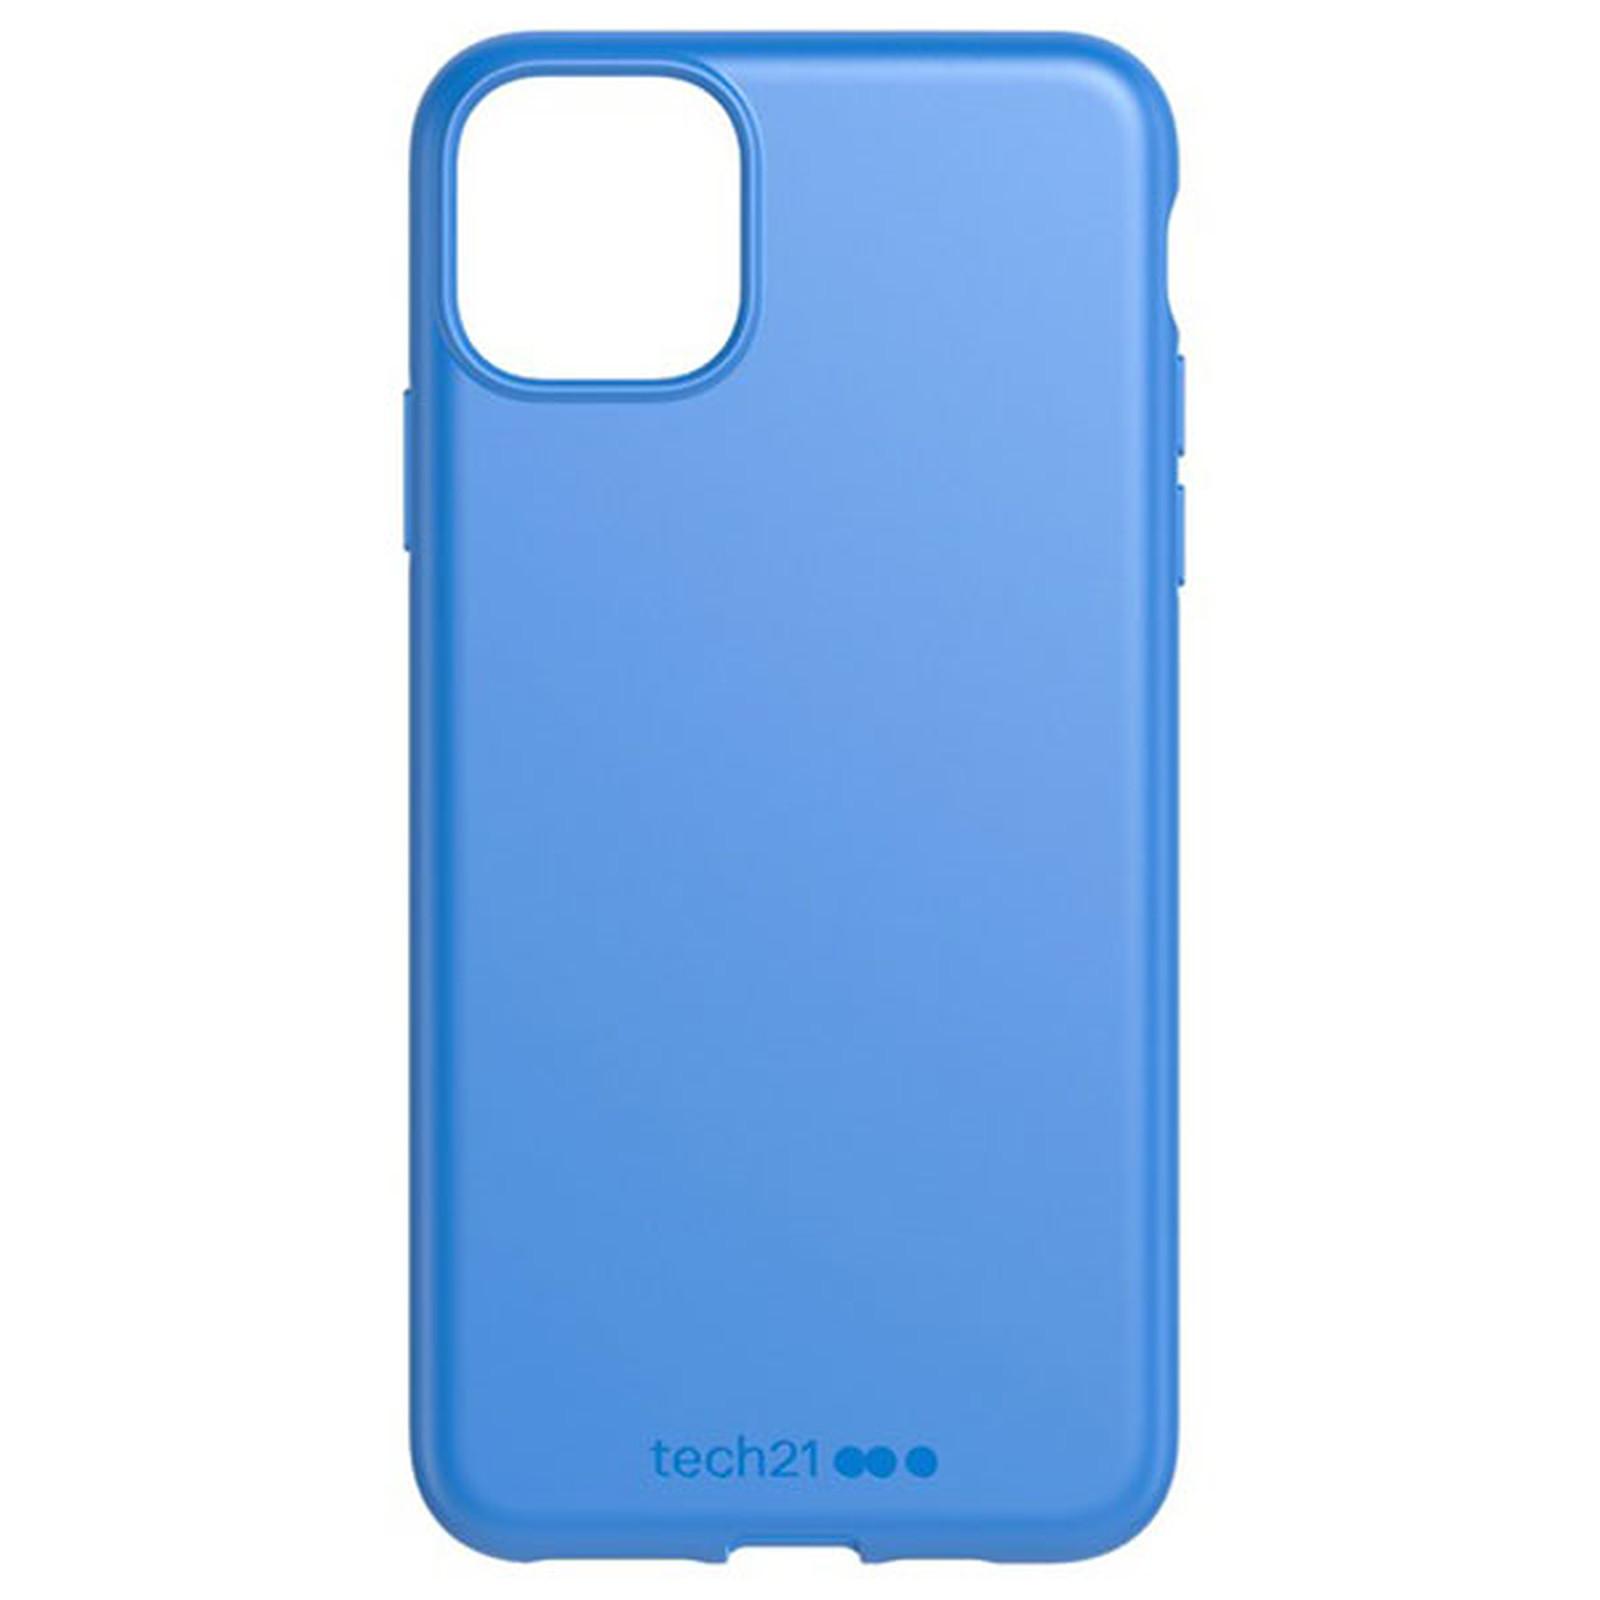 Tech21 Studio Colour Bleu Apple iPhone 11 Pro Max